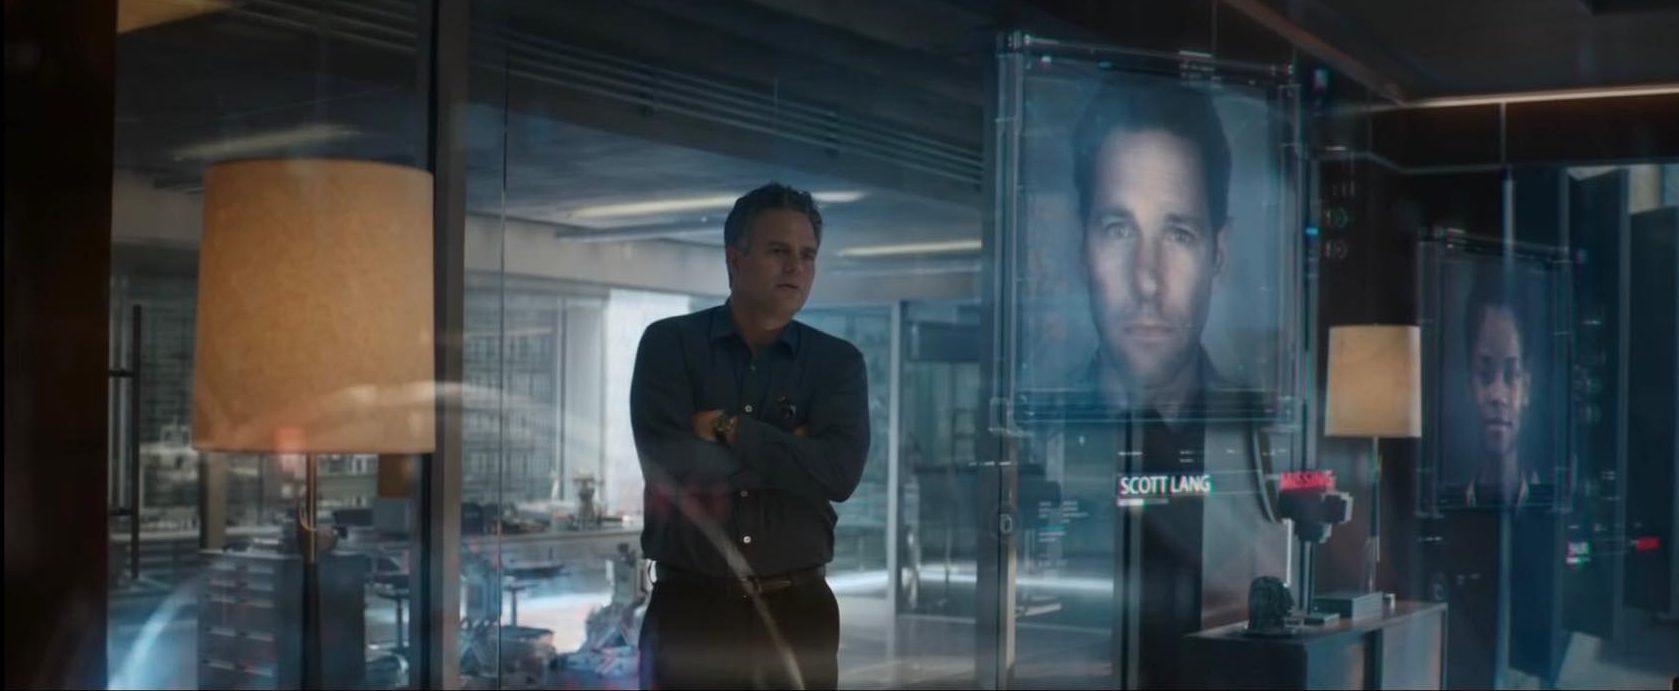 Avengers Endgame Trailer Hulk Bruce Banner